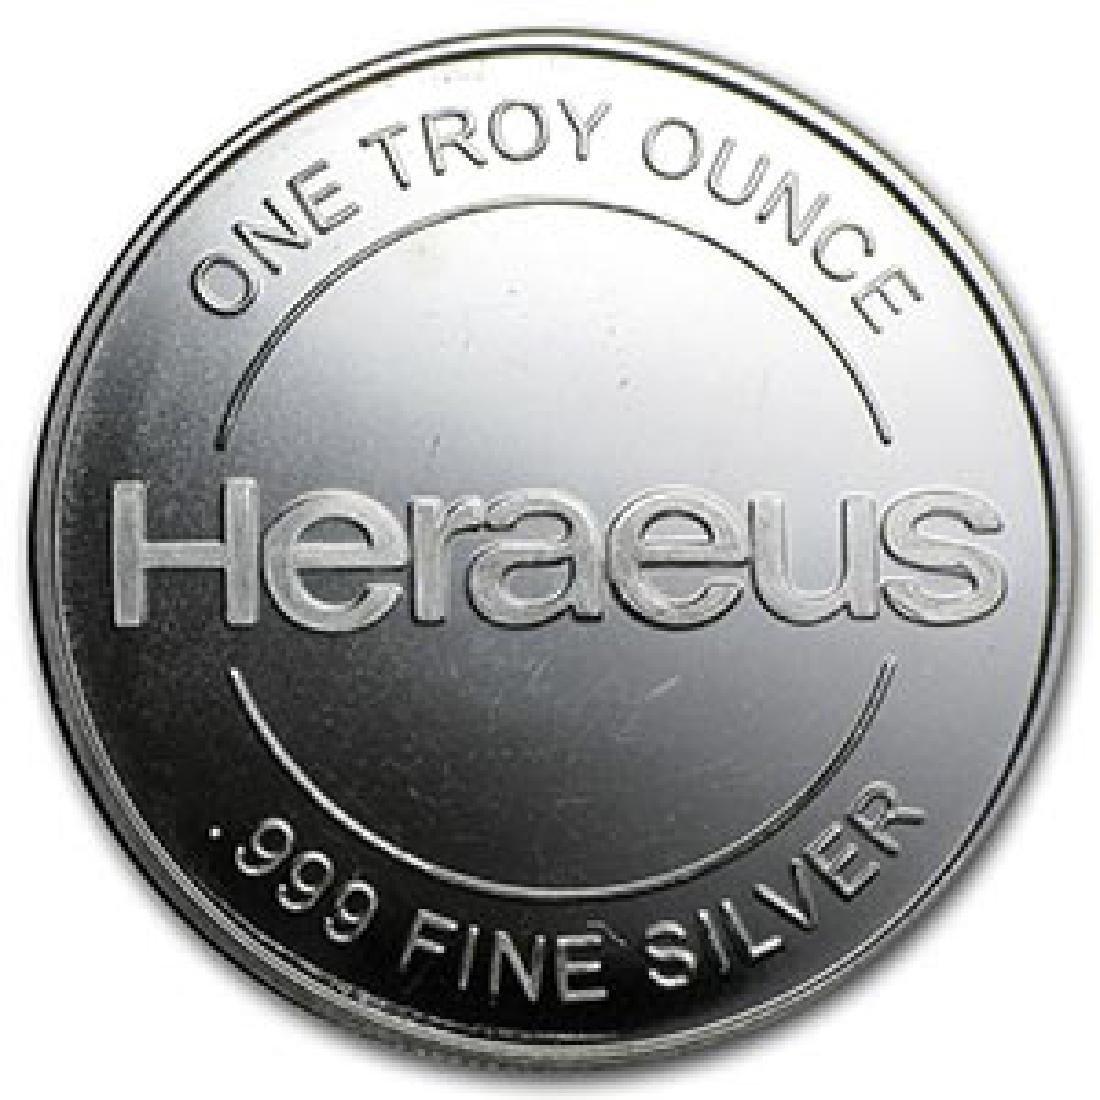 1 oz Silver Round - Heraeus